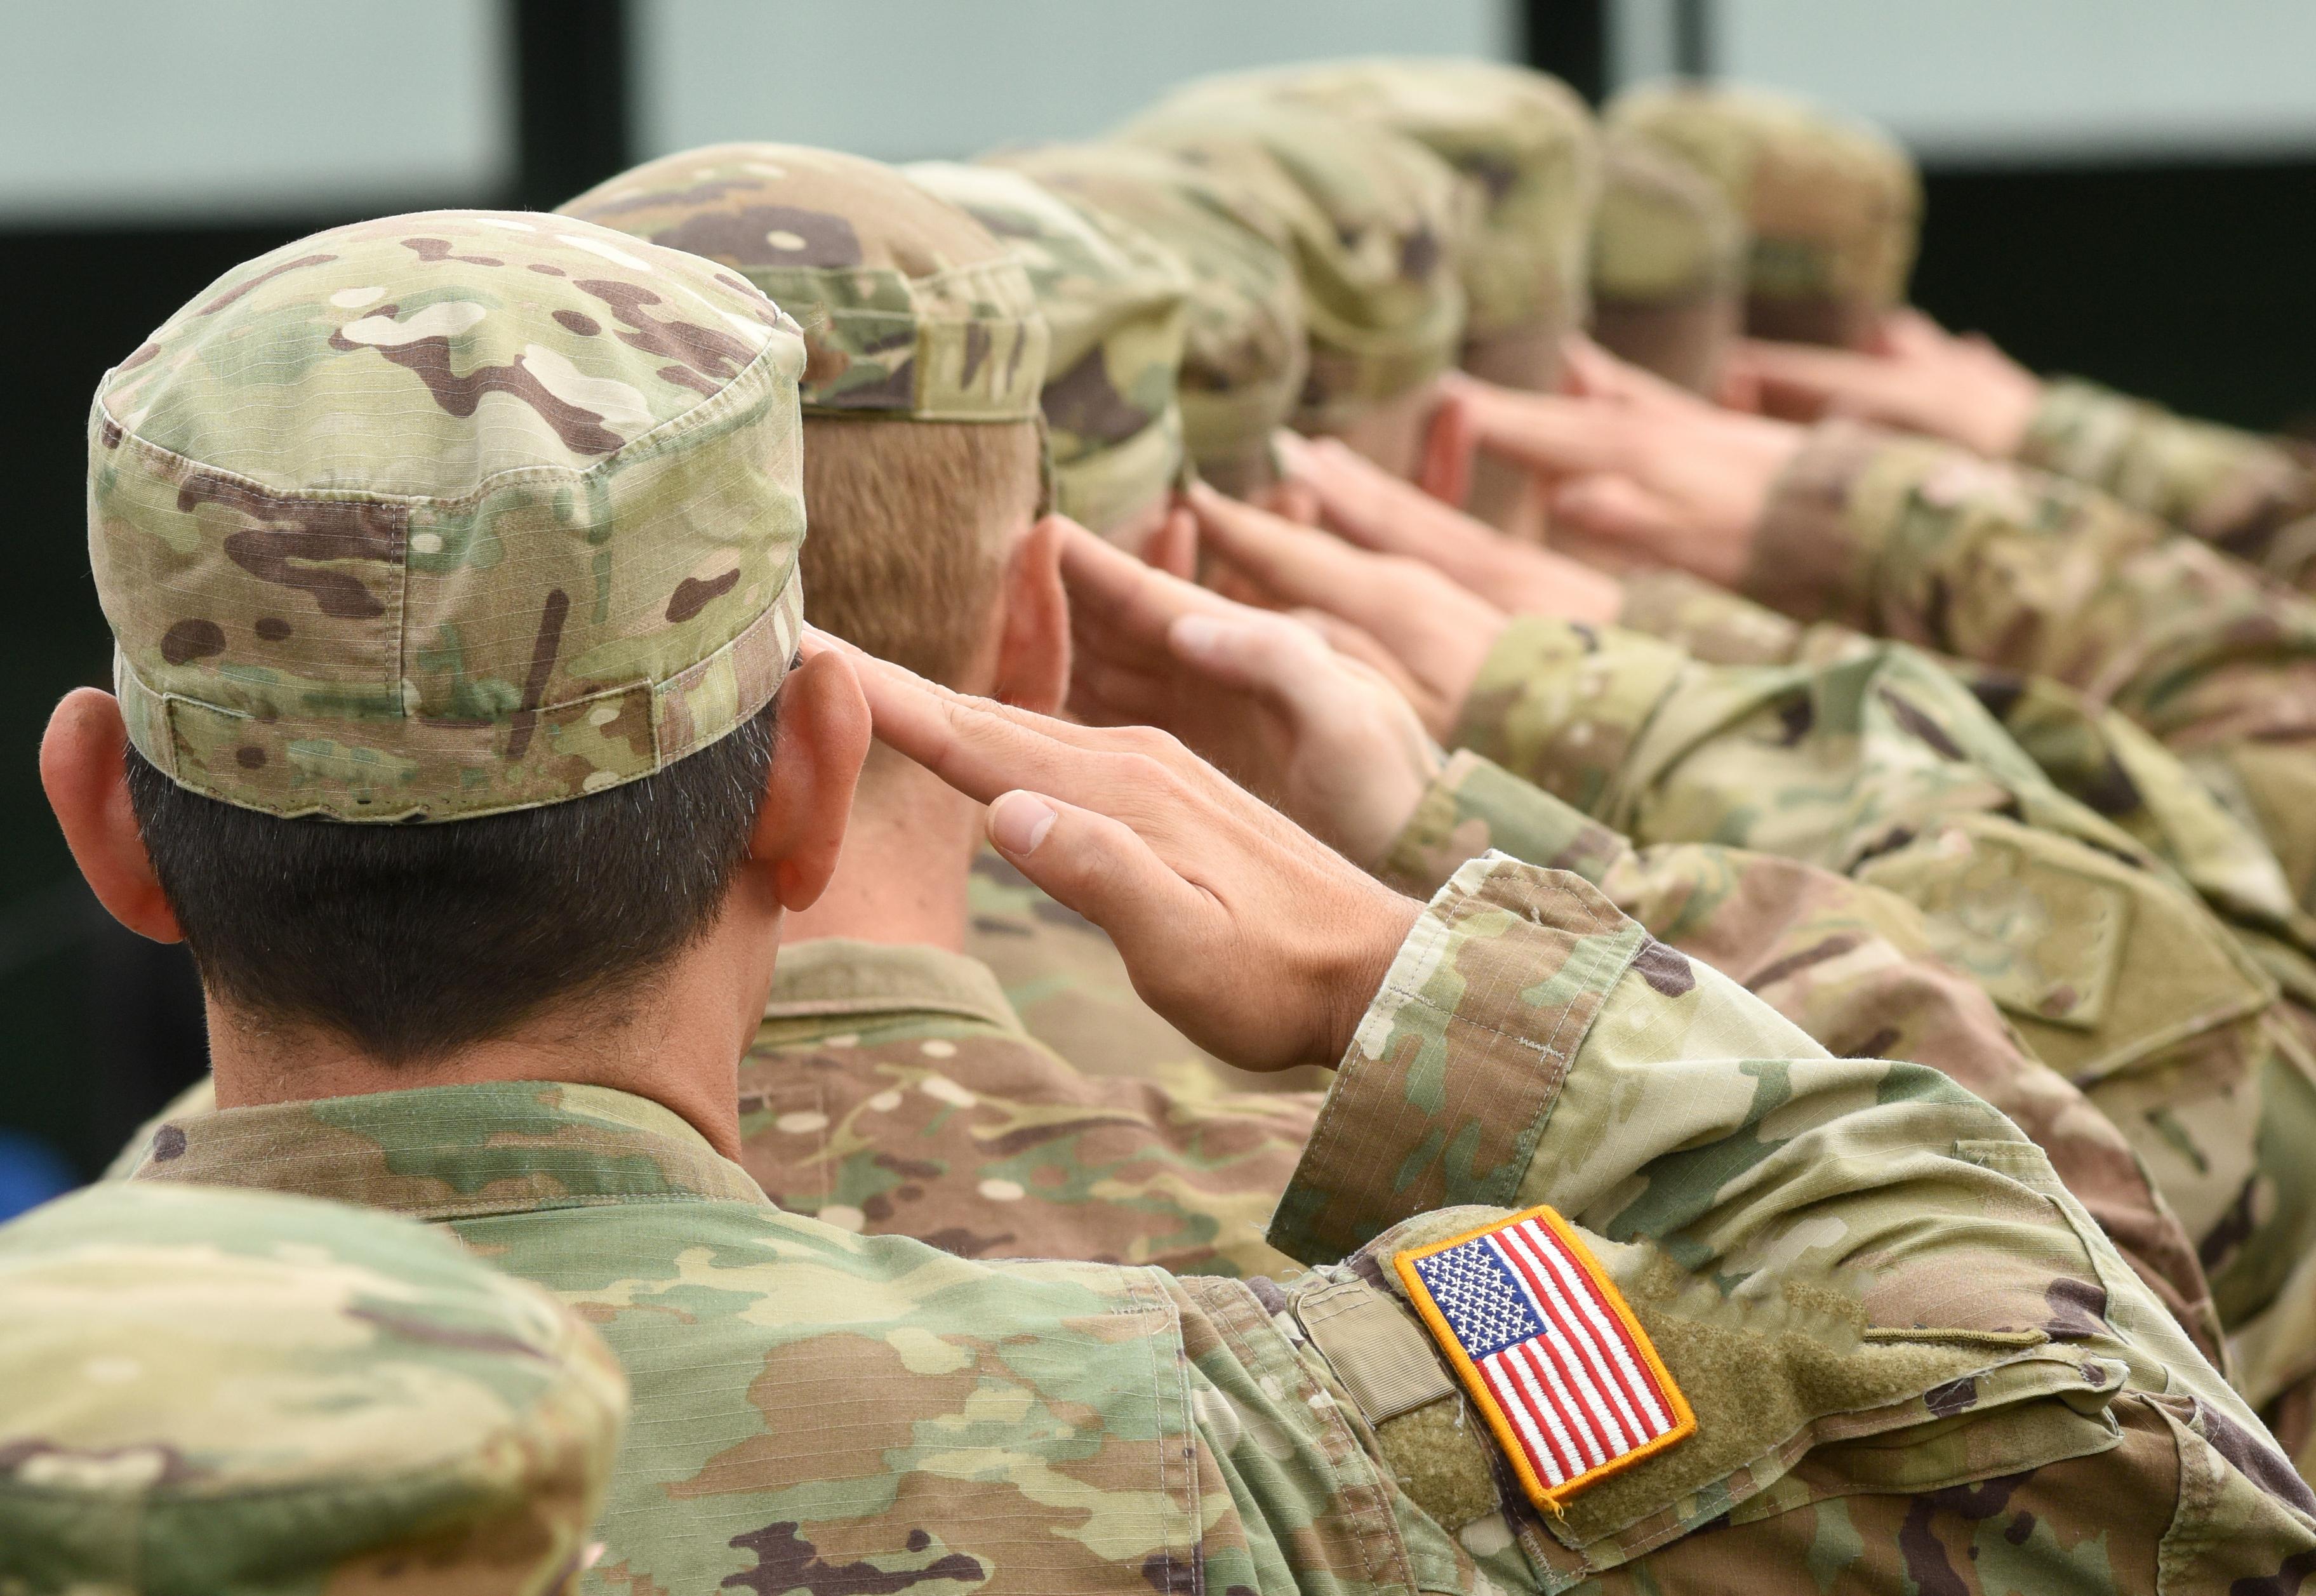 Служба в армии, благодаря которой иностранцы могут получить паспорт США